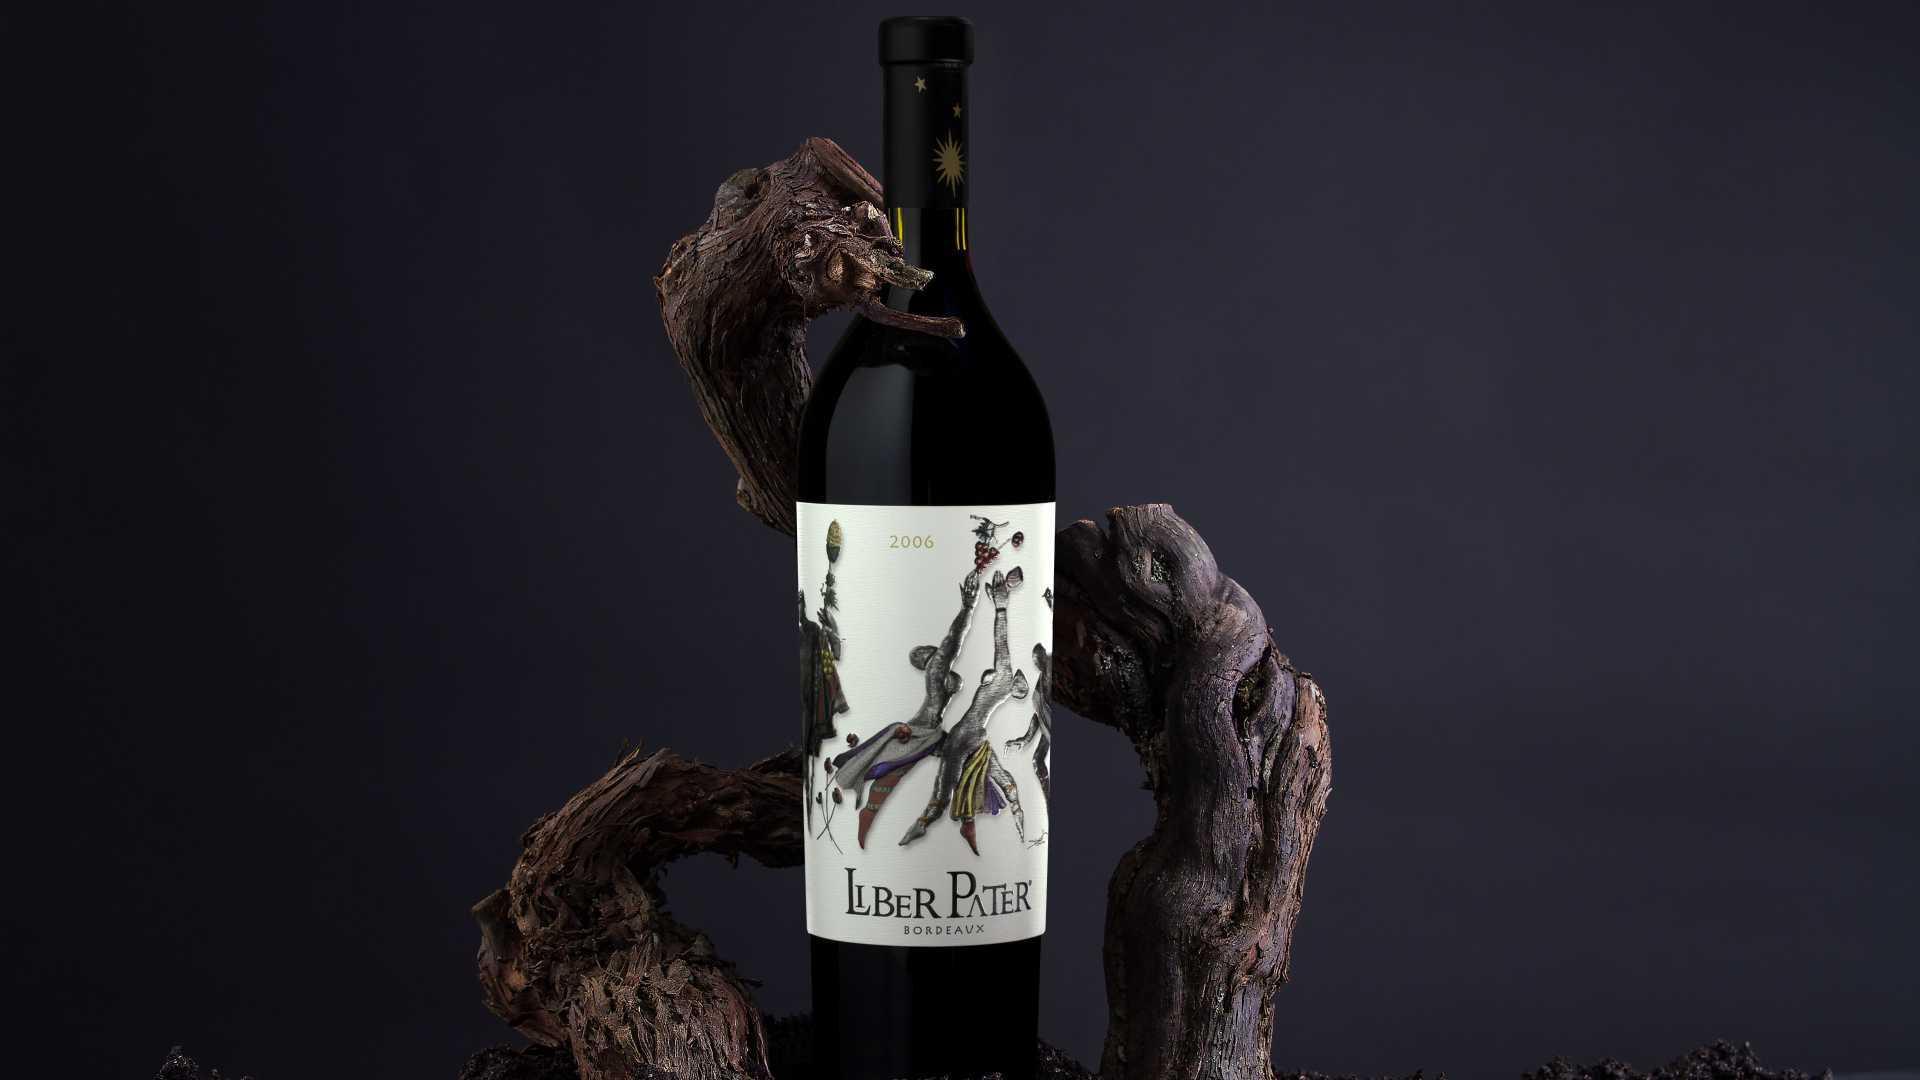 Liber Pater wine bottle